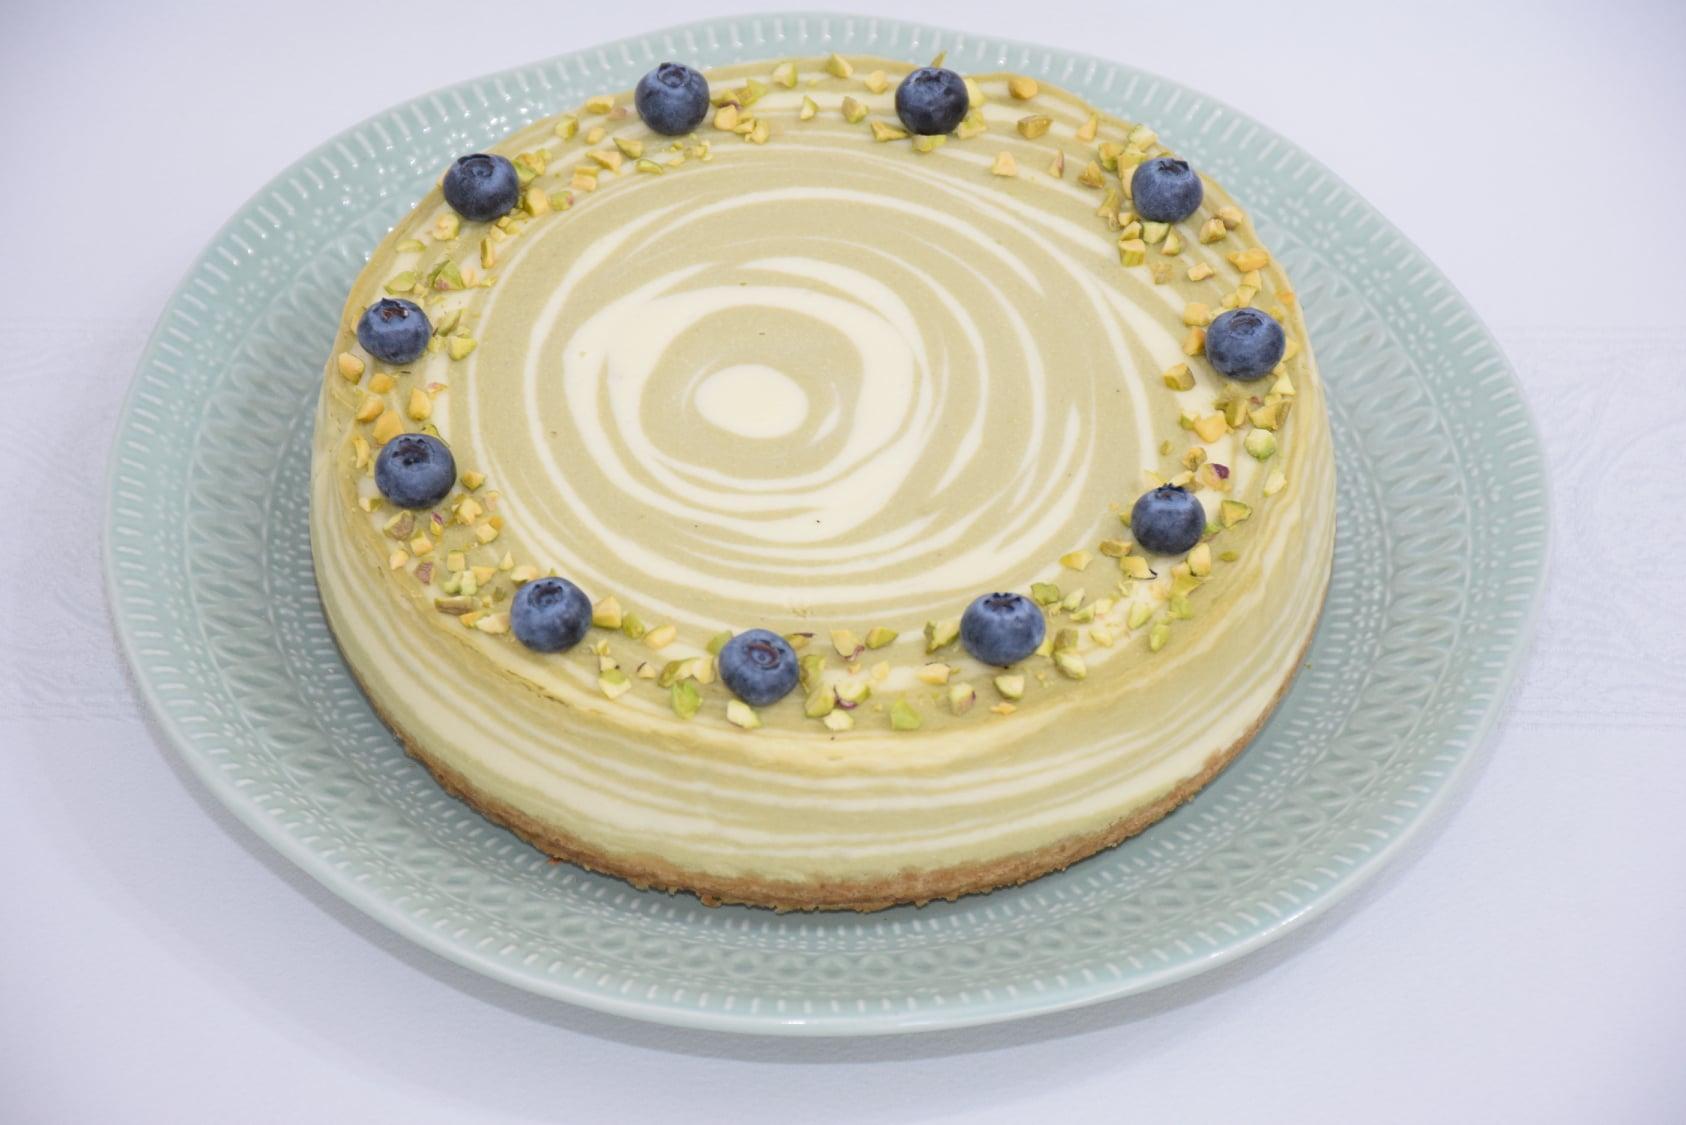 Desert matcha cheesecake